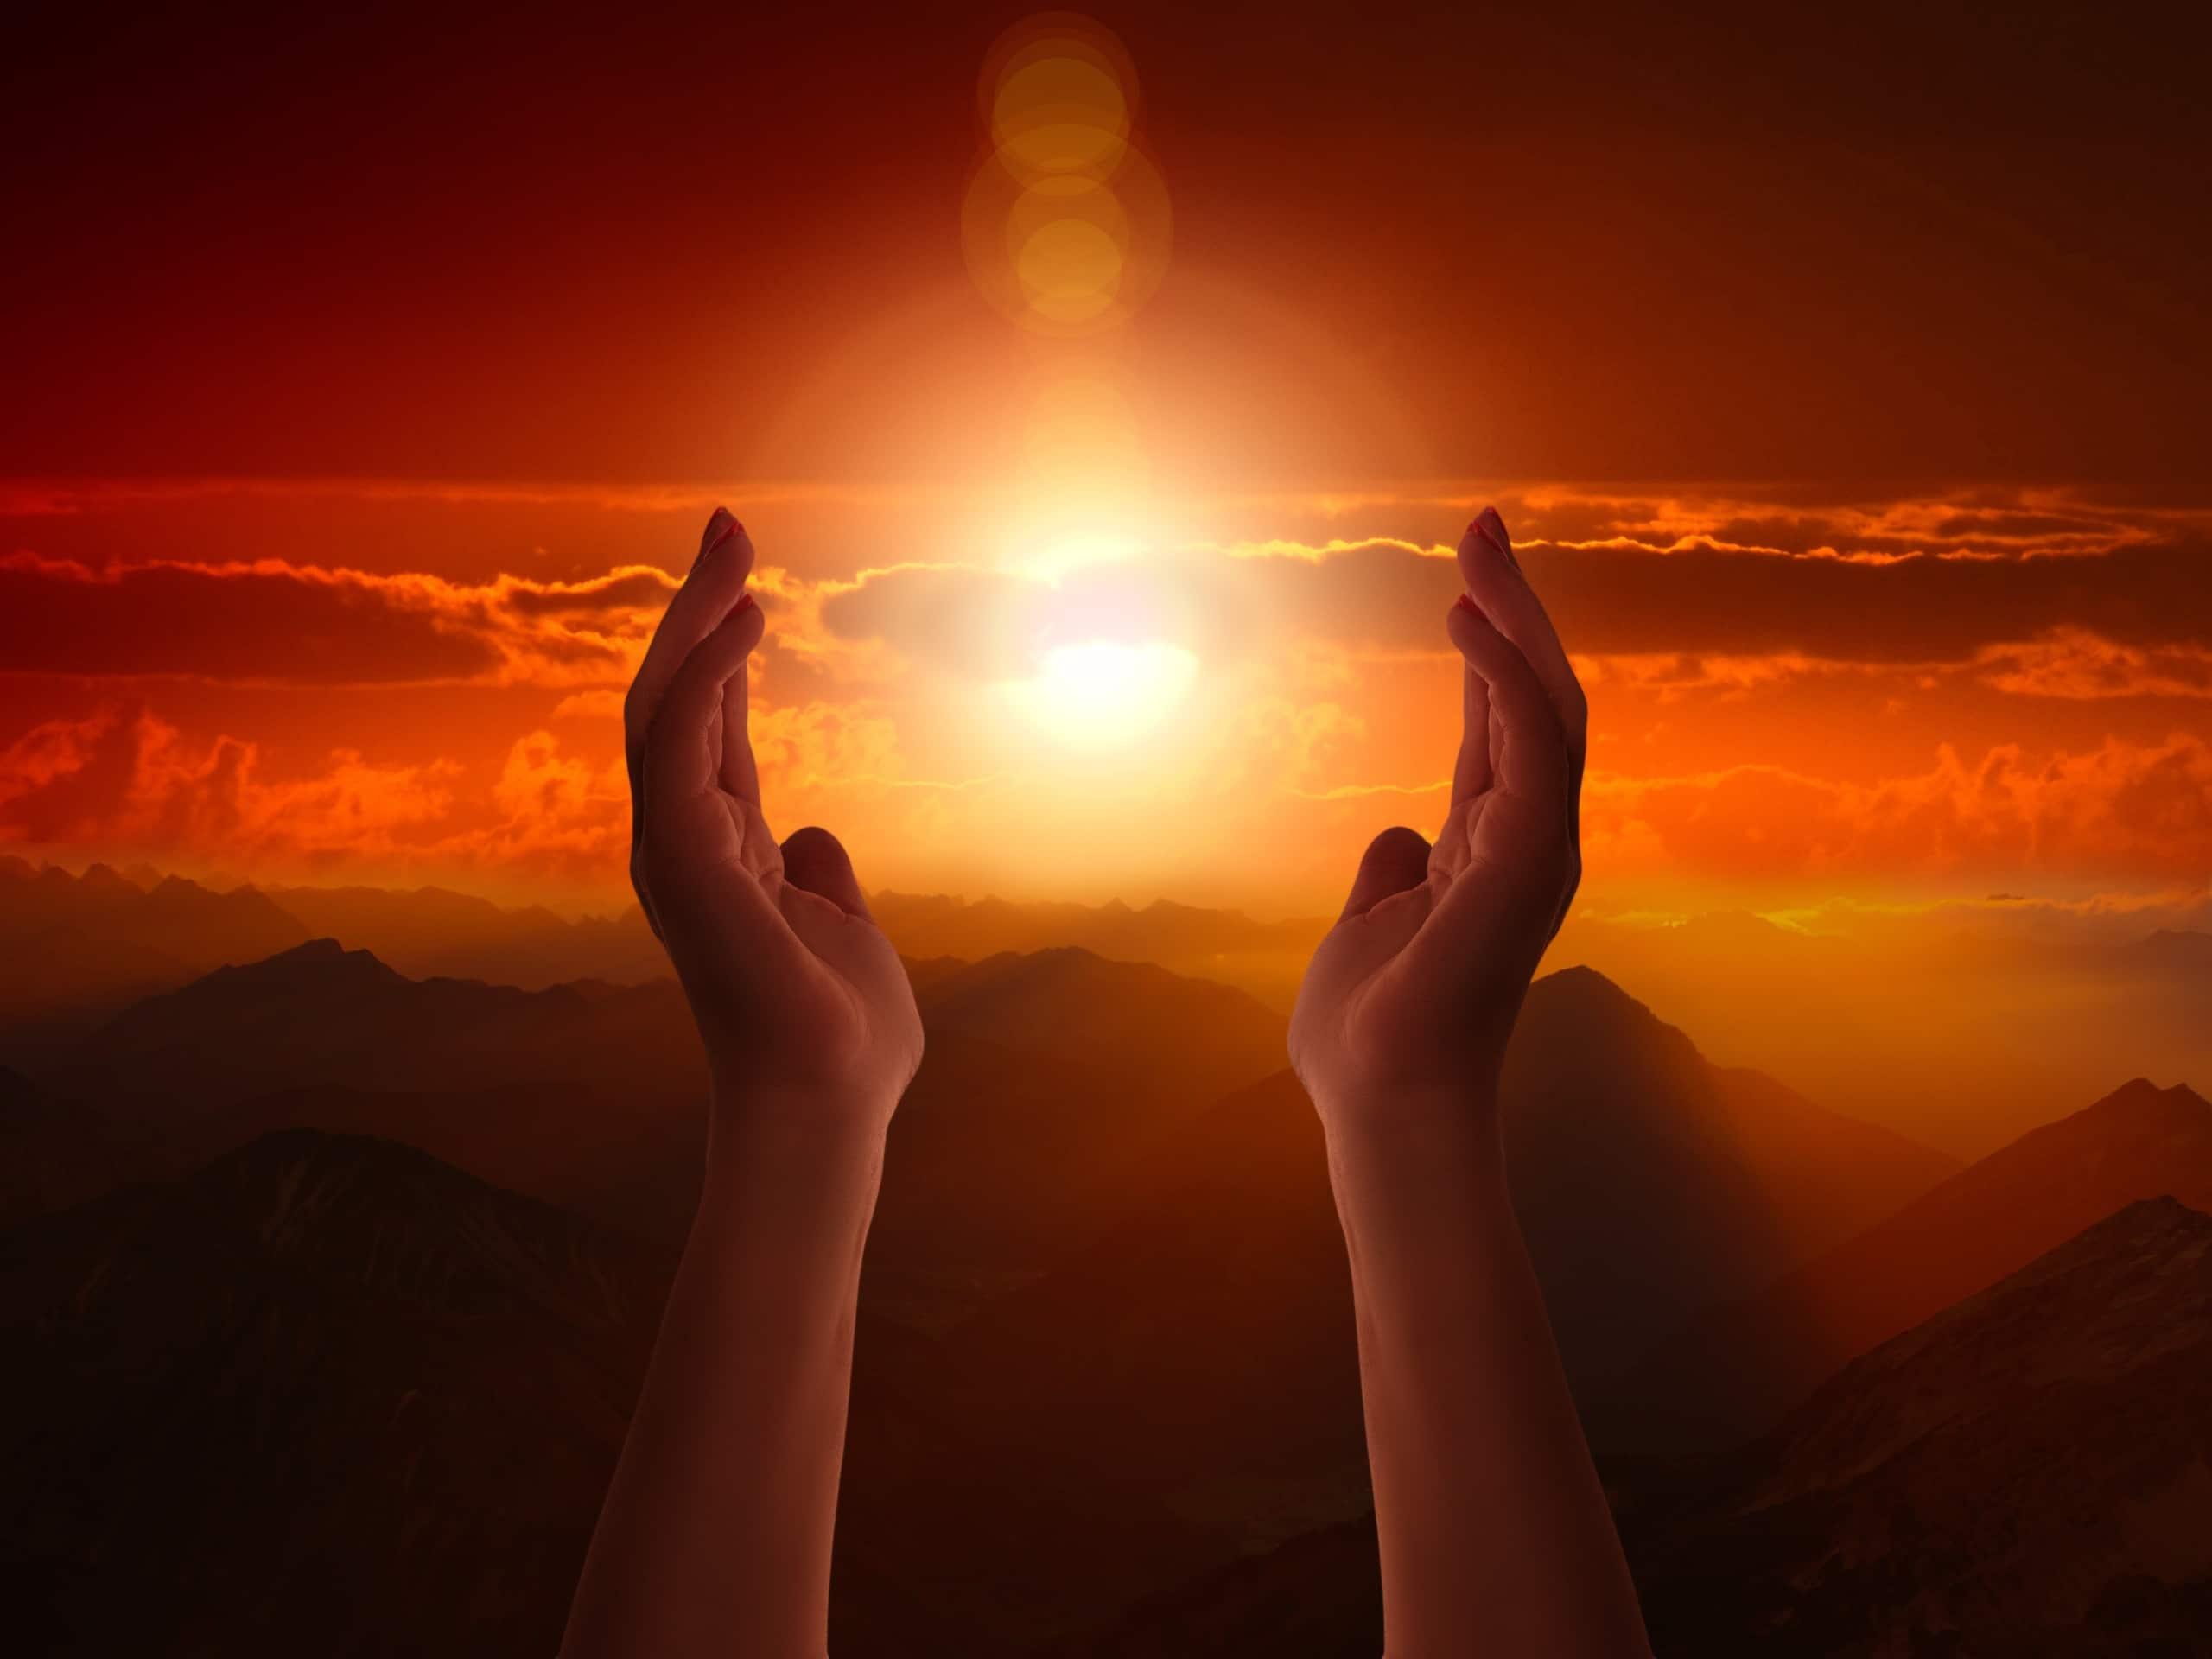 Духовность это — проявление духа в виде нематериальной (идеалистической) основы индивидуальной и общественной жизни Человека.